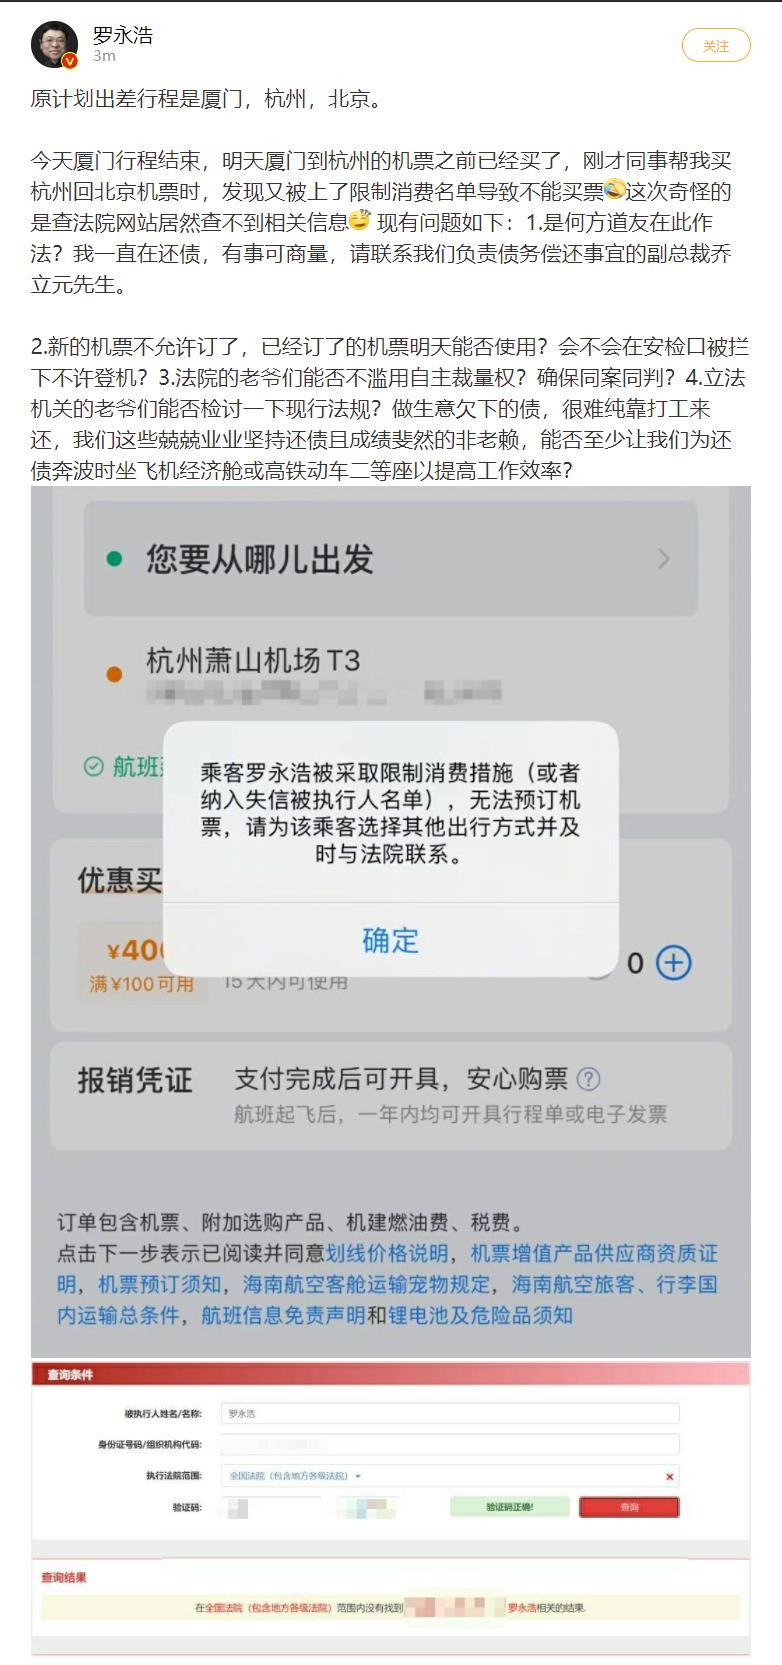 """罗永浩再被限制高消费 发微博称""""何方道友在此作法"""""""